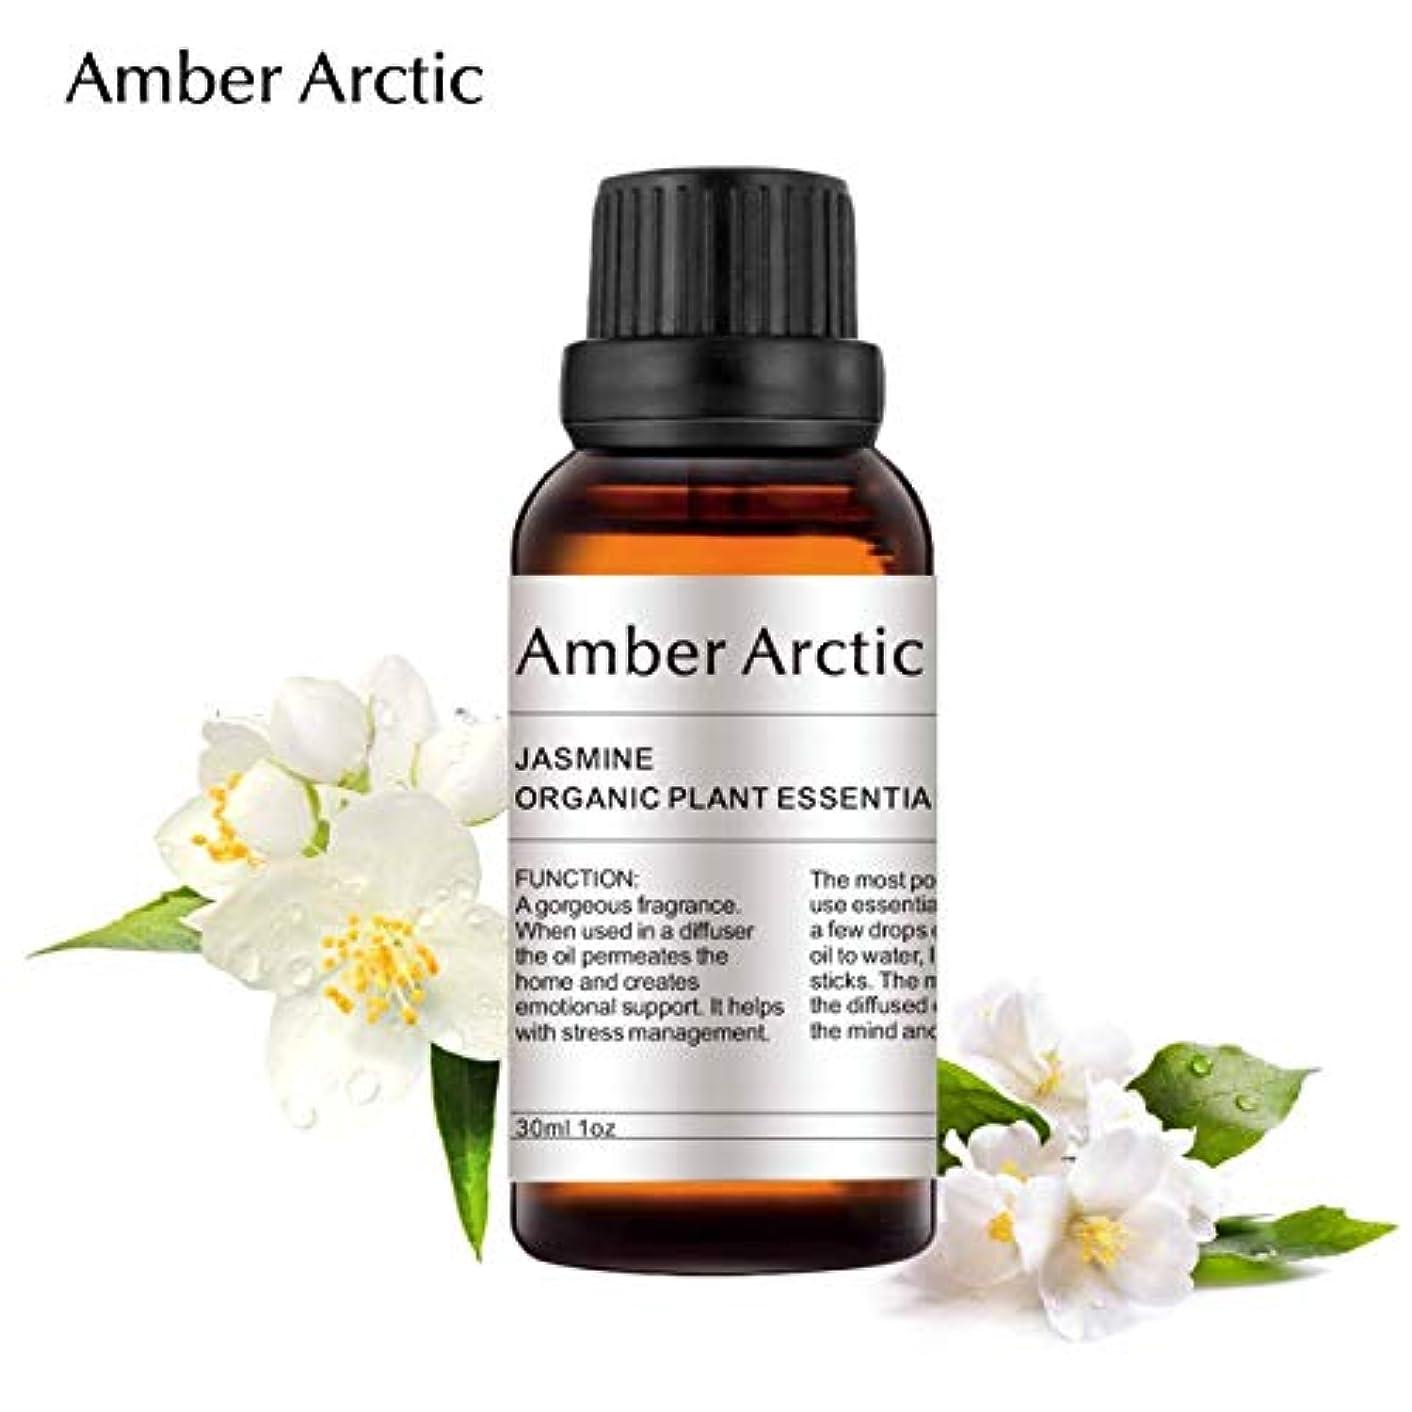 挑発するアクセサリー抹消AMBER ARCTIC エッセンシャル オイル ディフューザー 用 100% 純粋 新鮮 有機 植物 セラピー オイル 30Ml ジャスミン ジャスミン